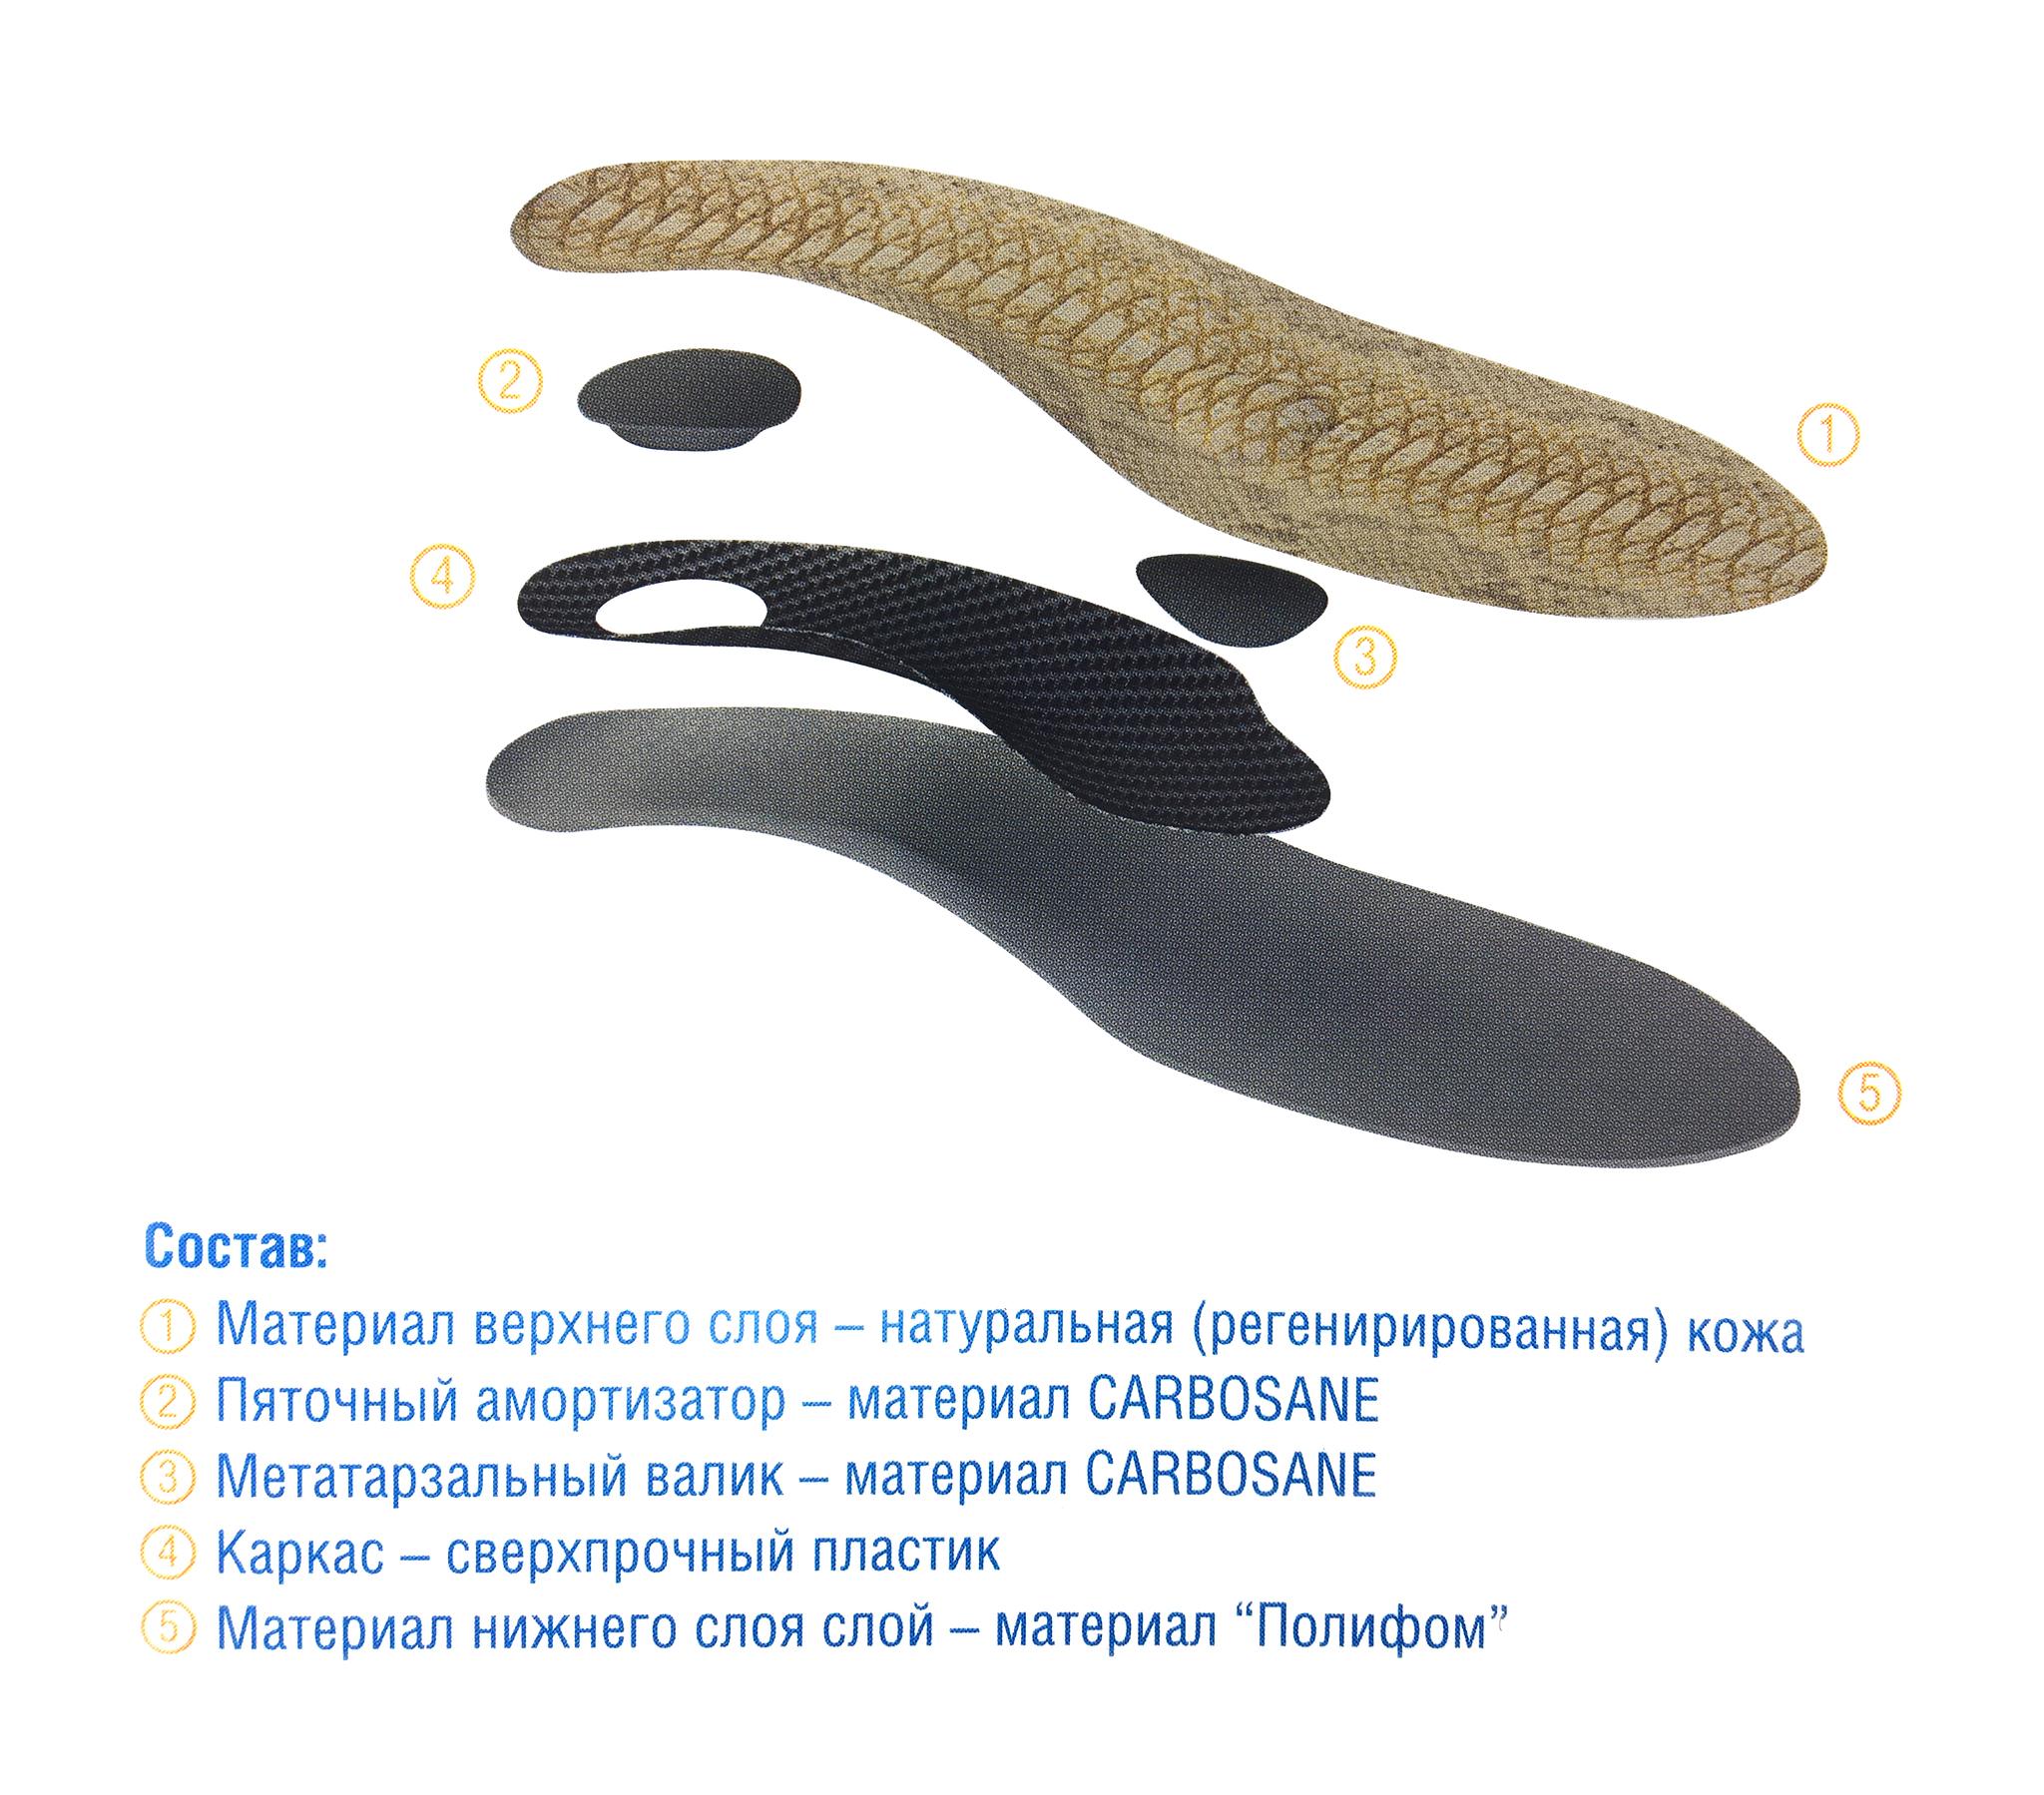 Универсальные стельки для быстрого привыкания (подойдут в качестве первых ортопедических стелек)